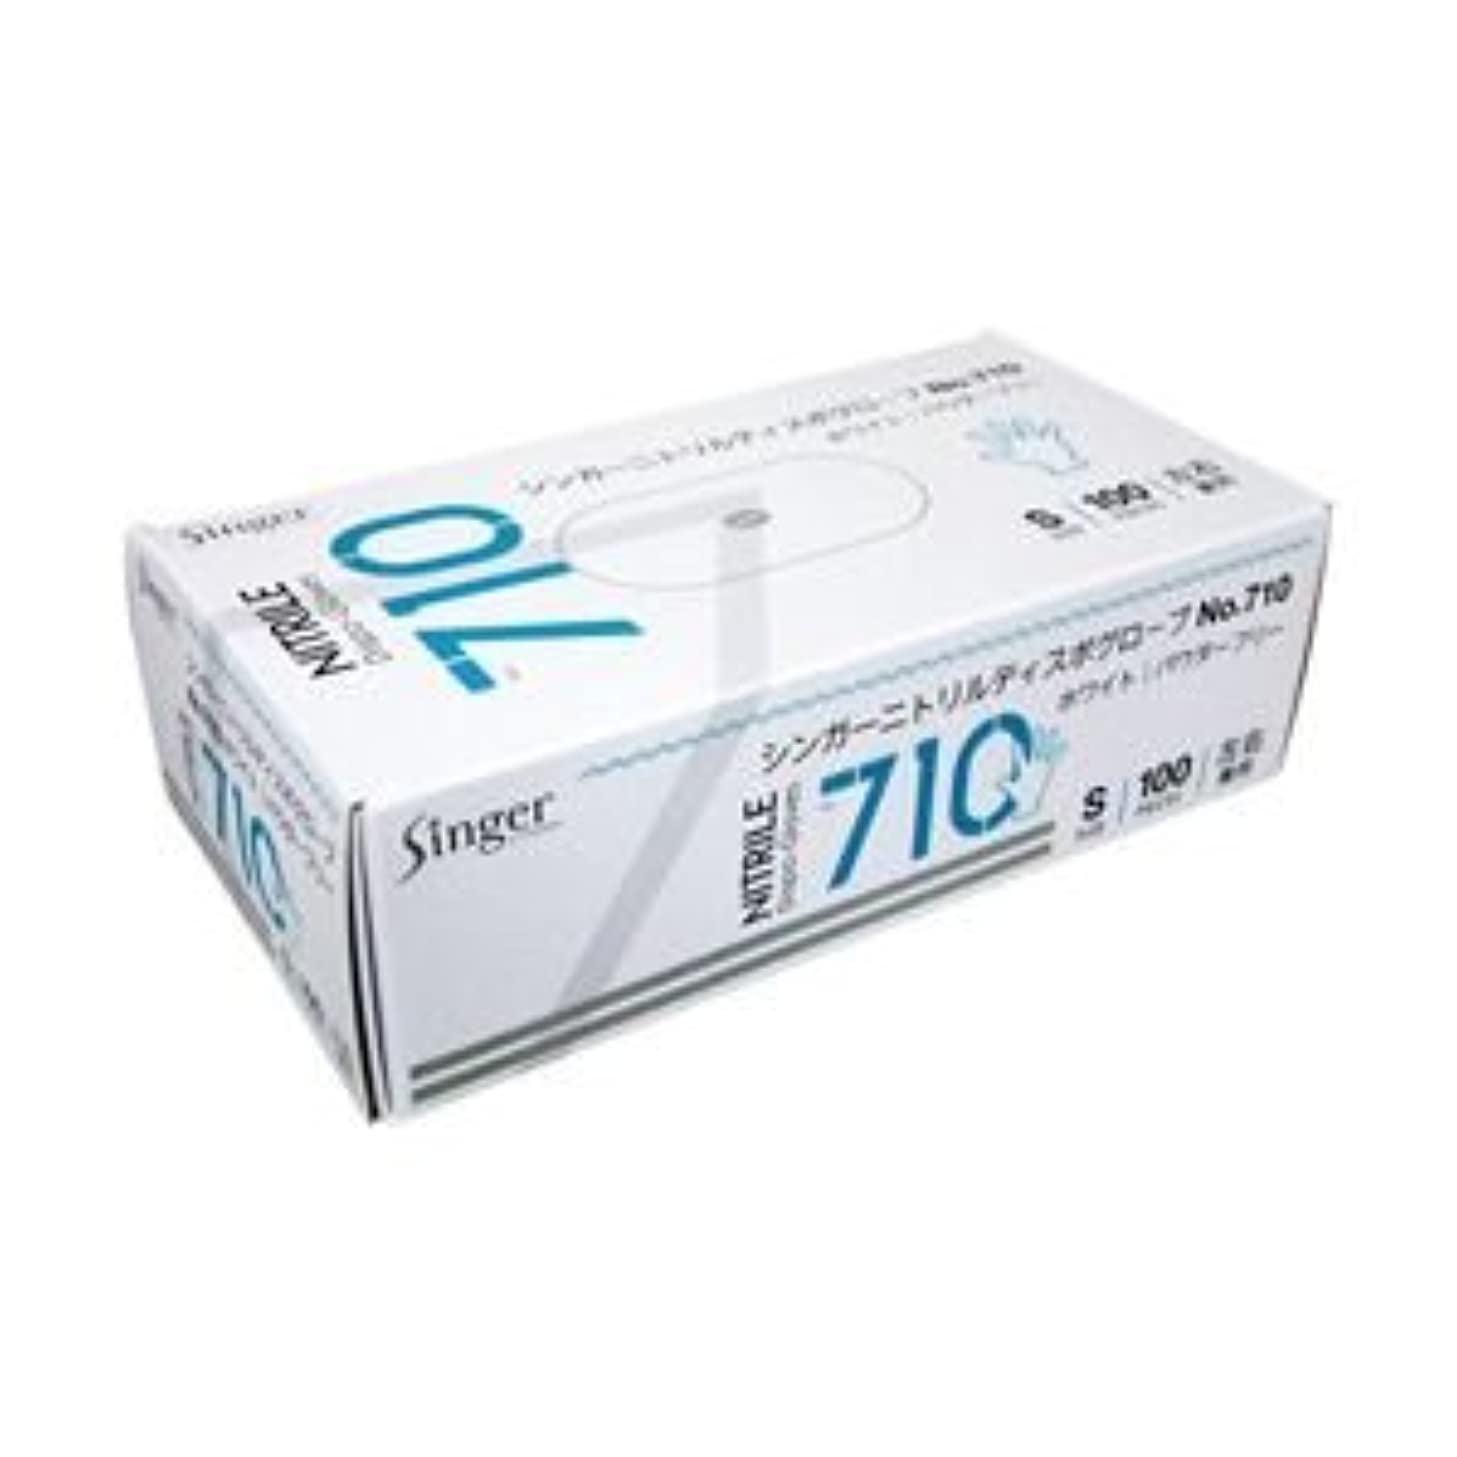 回復する挽く独占宇都宮製作 ニトリル手袋710 粉なし S 1箱(100枚) ×5セット